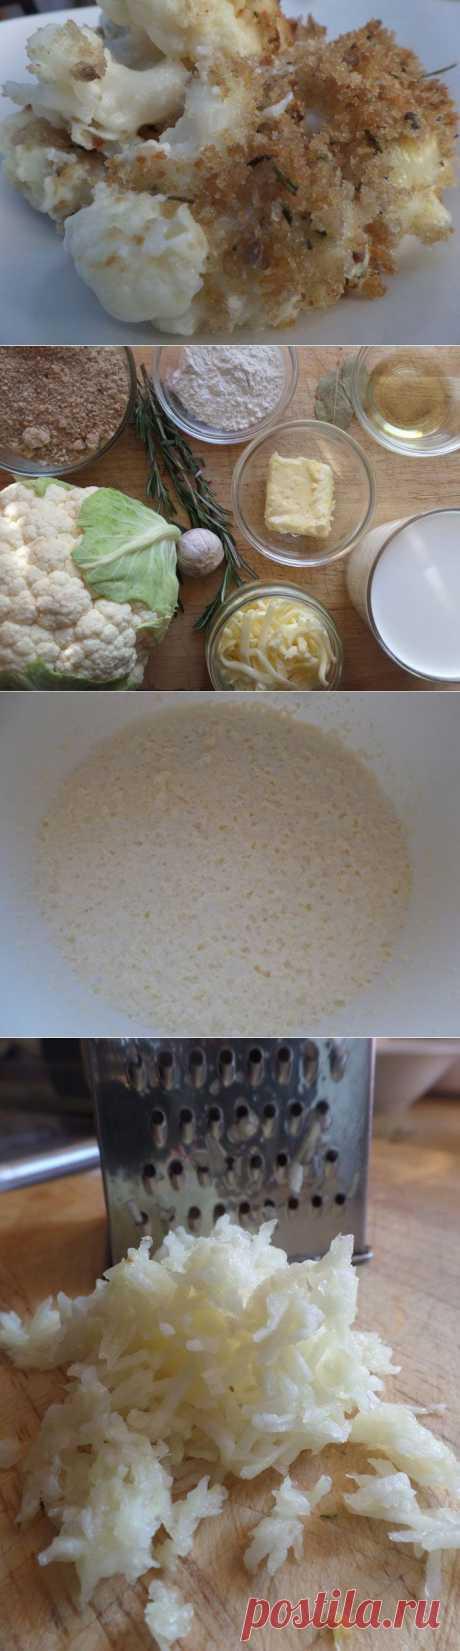 Рецепт на выходные: Цветная капуста, запечённая под сливочно-сырным соусом с розмарином | Изюминки